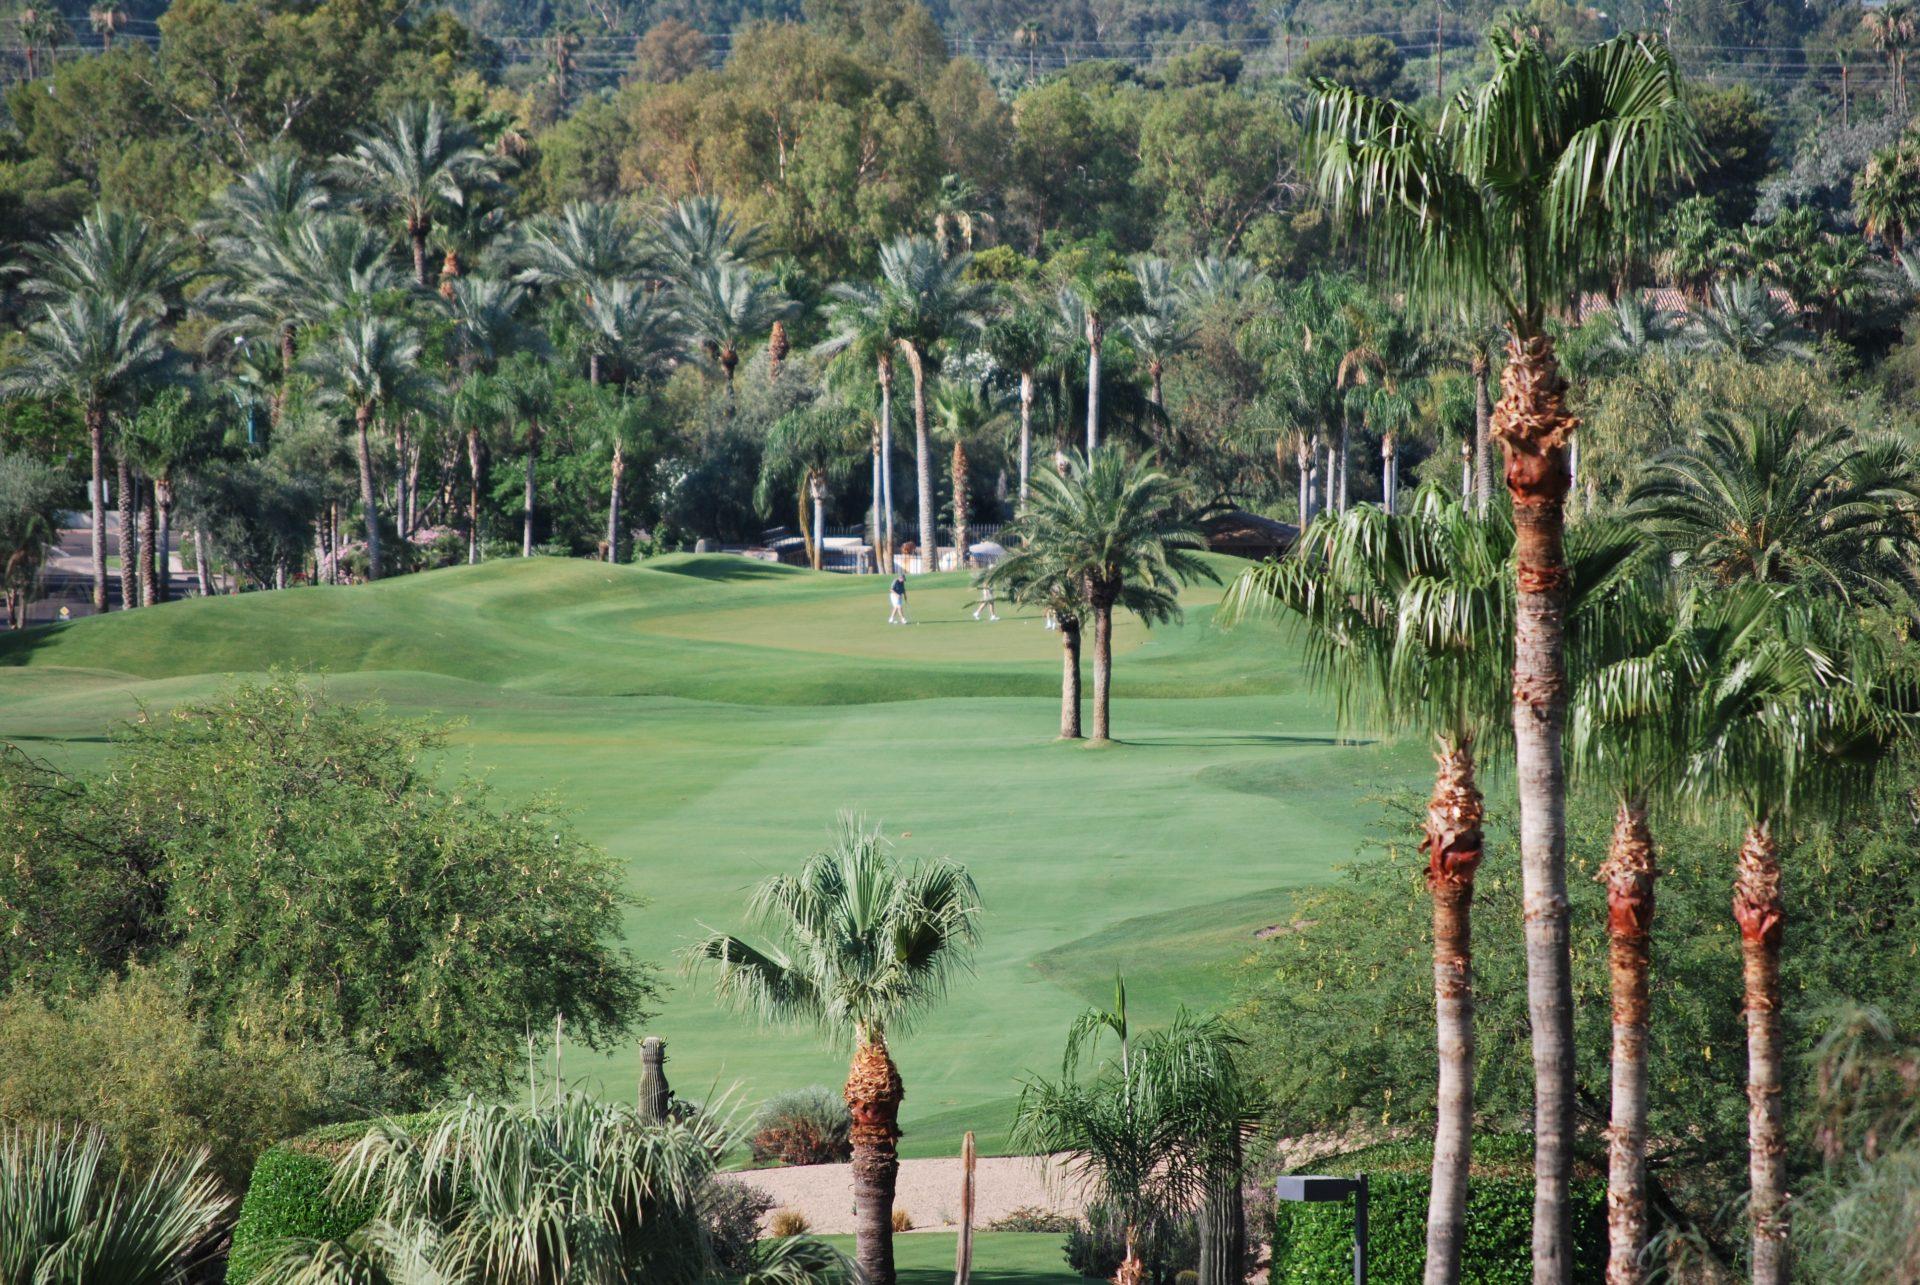 Campo de golfe atrai jogadores e campeonatos mundiais